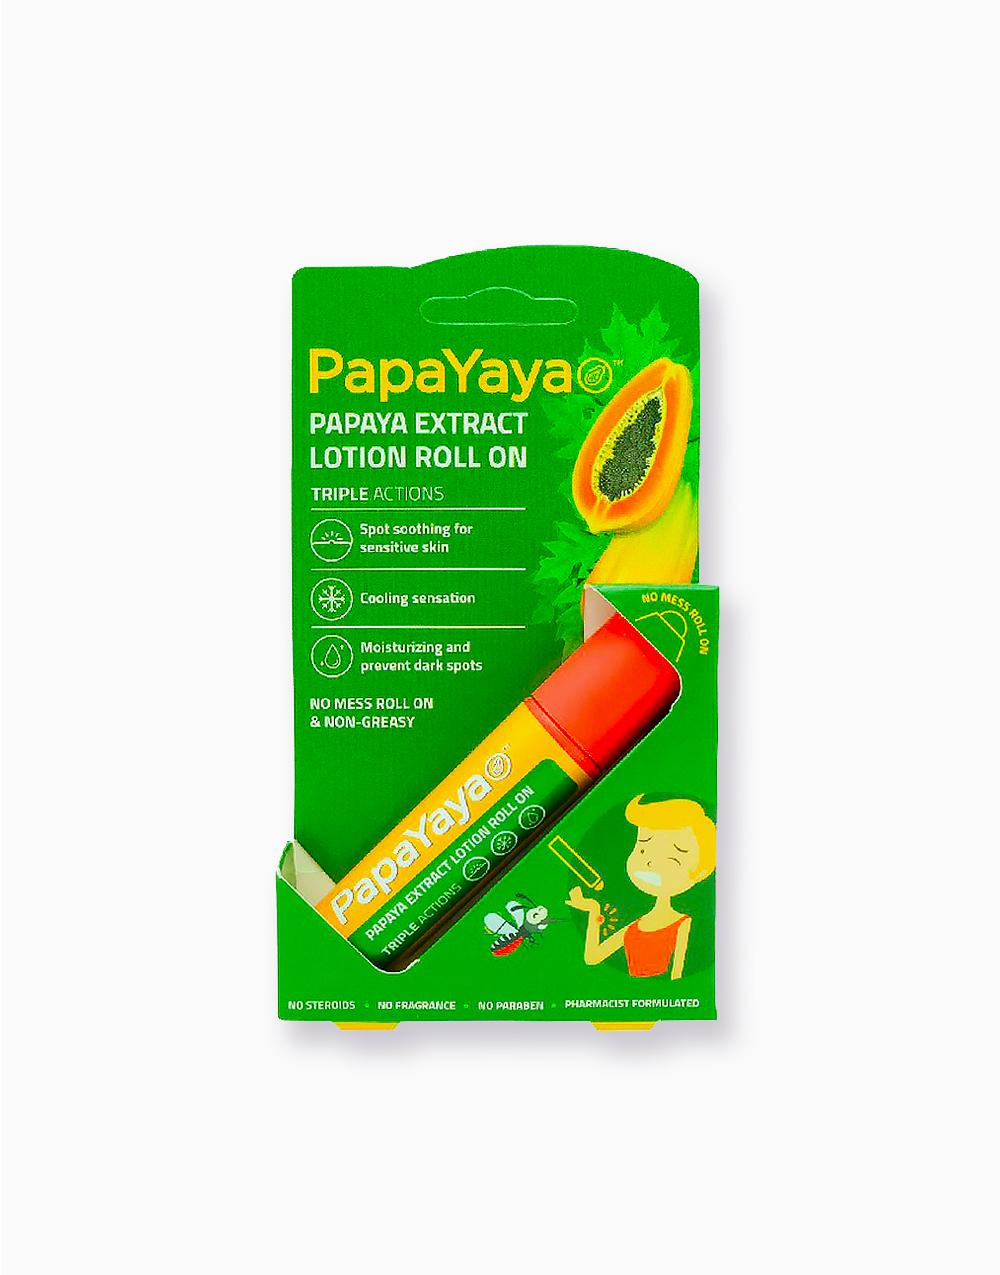 Papaya Extract Lotion Roll On (10g) by PapaYaya